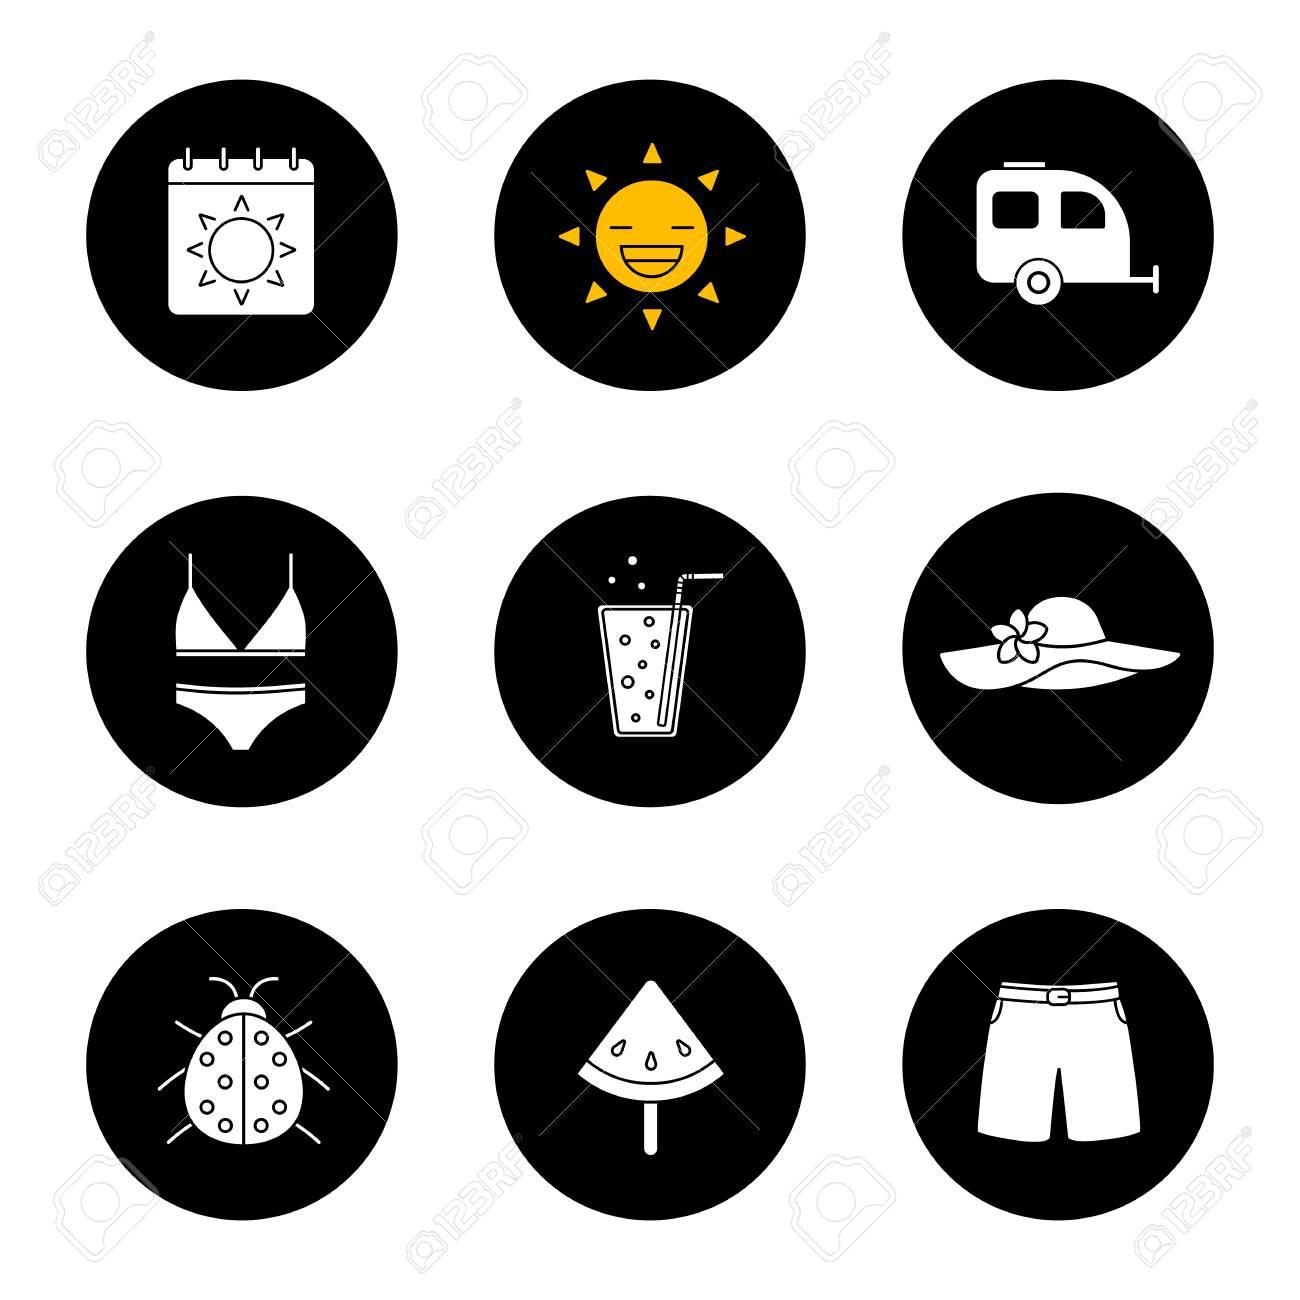 Calendrier Soleil.Jeu D Icones De L Ete Calendrier Soleil Remorque Maillot De Bain Et Chapeau De Plage Limonade Coccinelle Pasteque Sur Baton Maillot De Bain